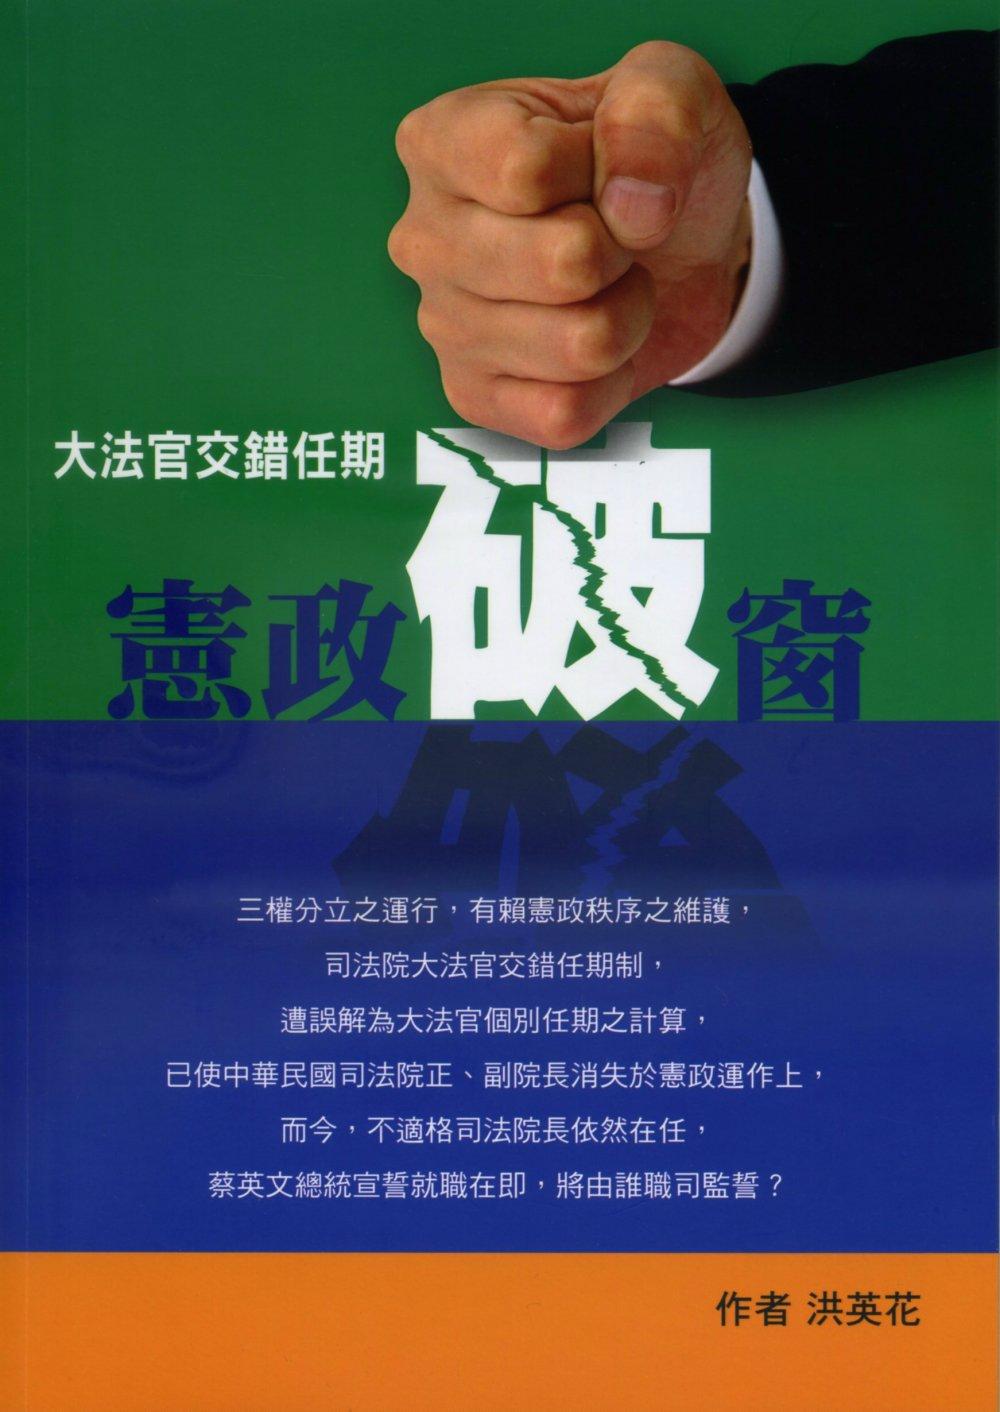 大法官交錯任期制之憲政破窗